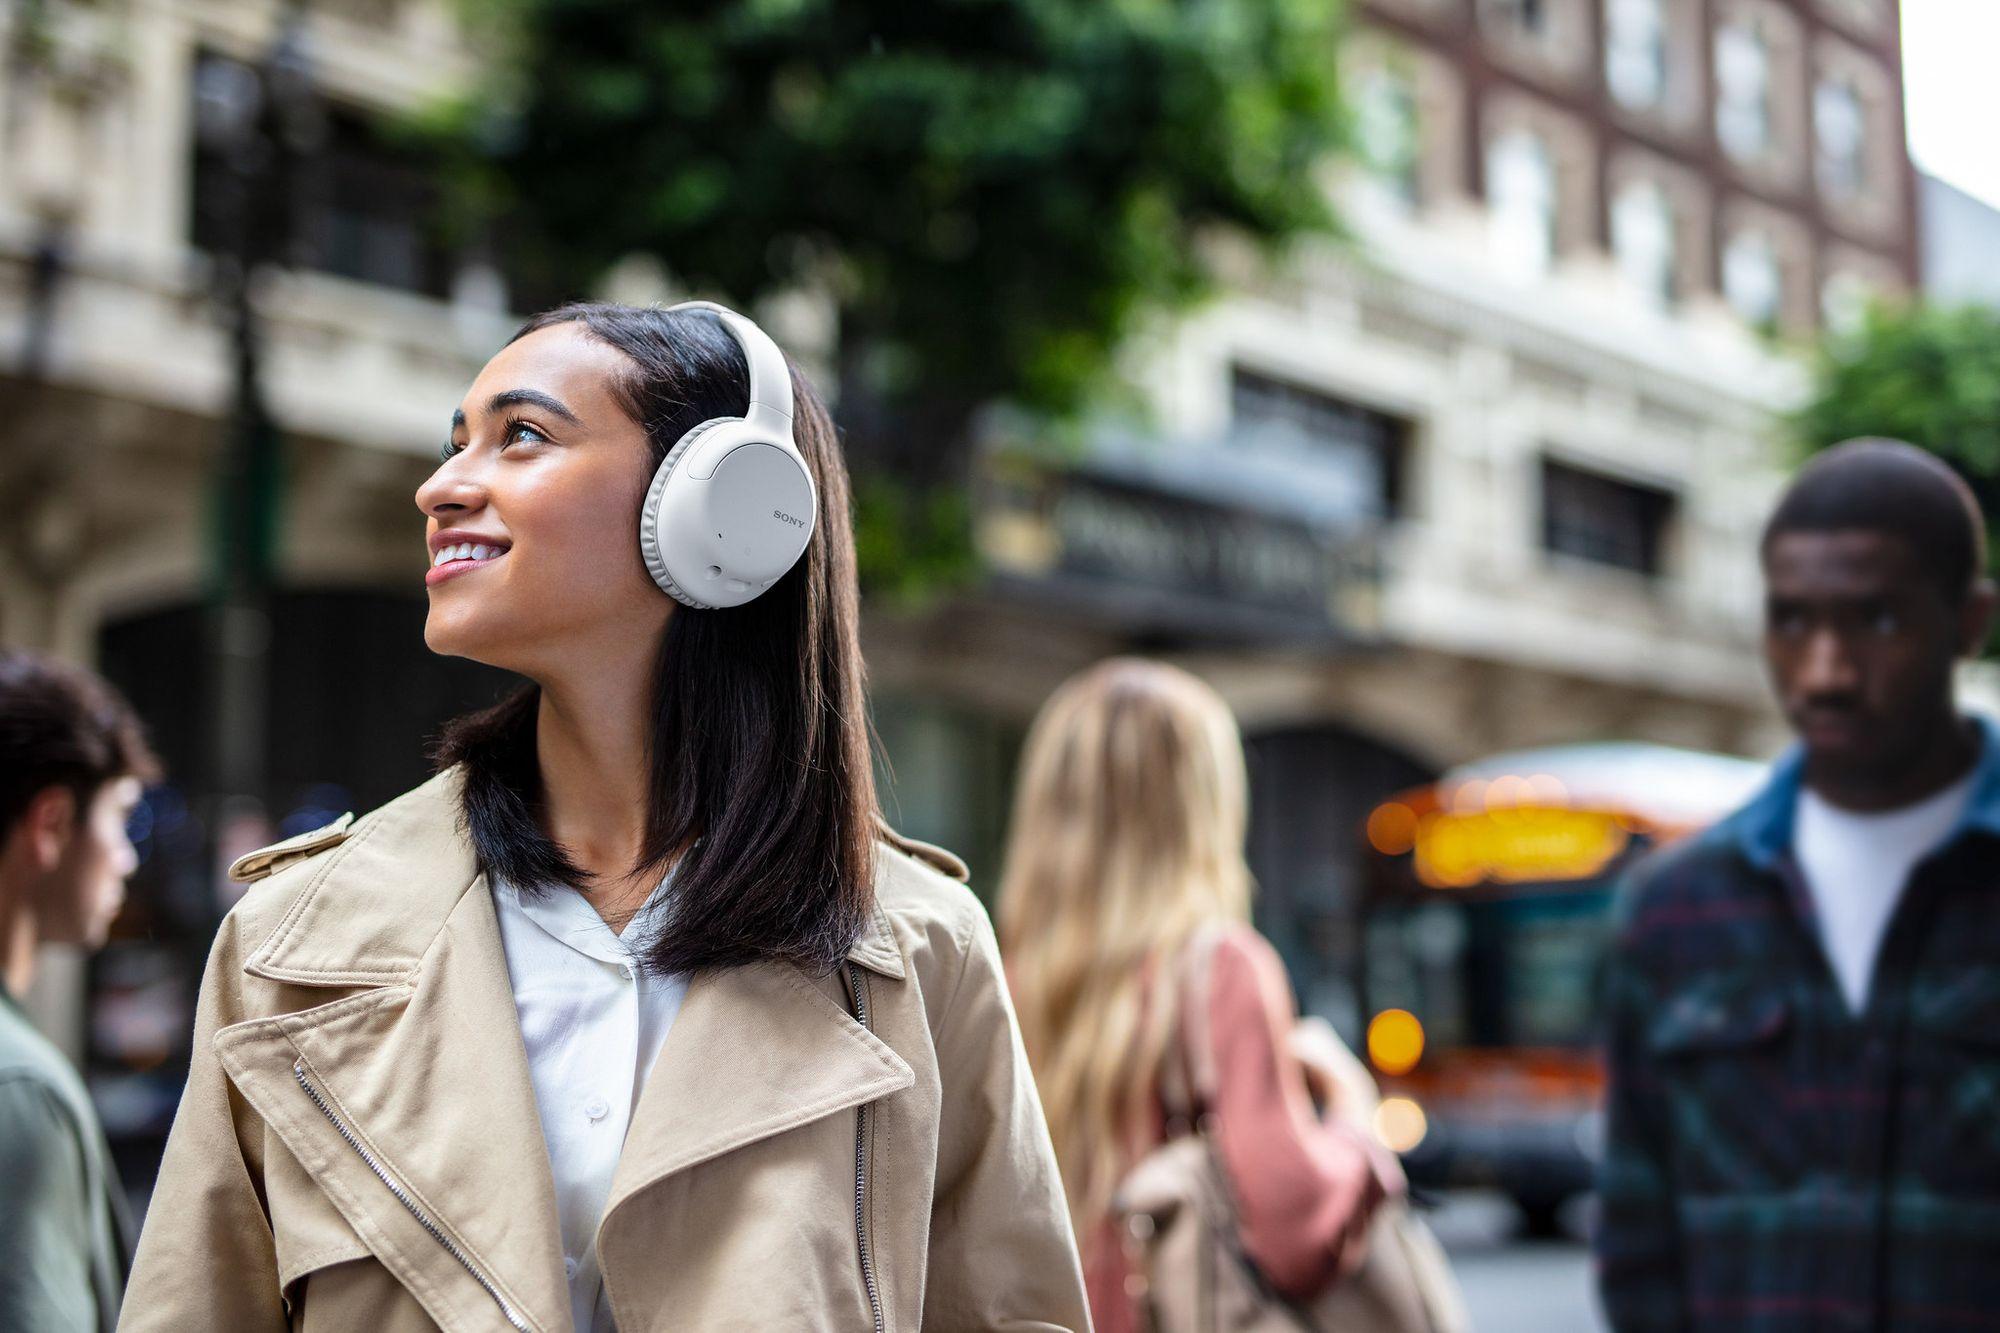 WH-CH710N tem design over-ear para máximo conforto e ótimo isolamento. (Imagem: Divulgação/Sony)